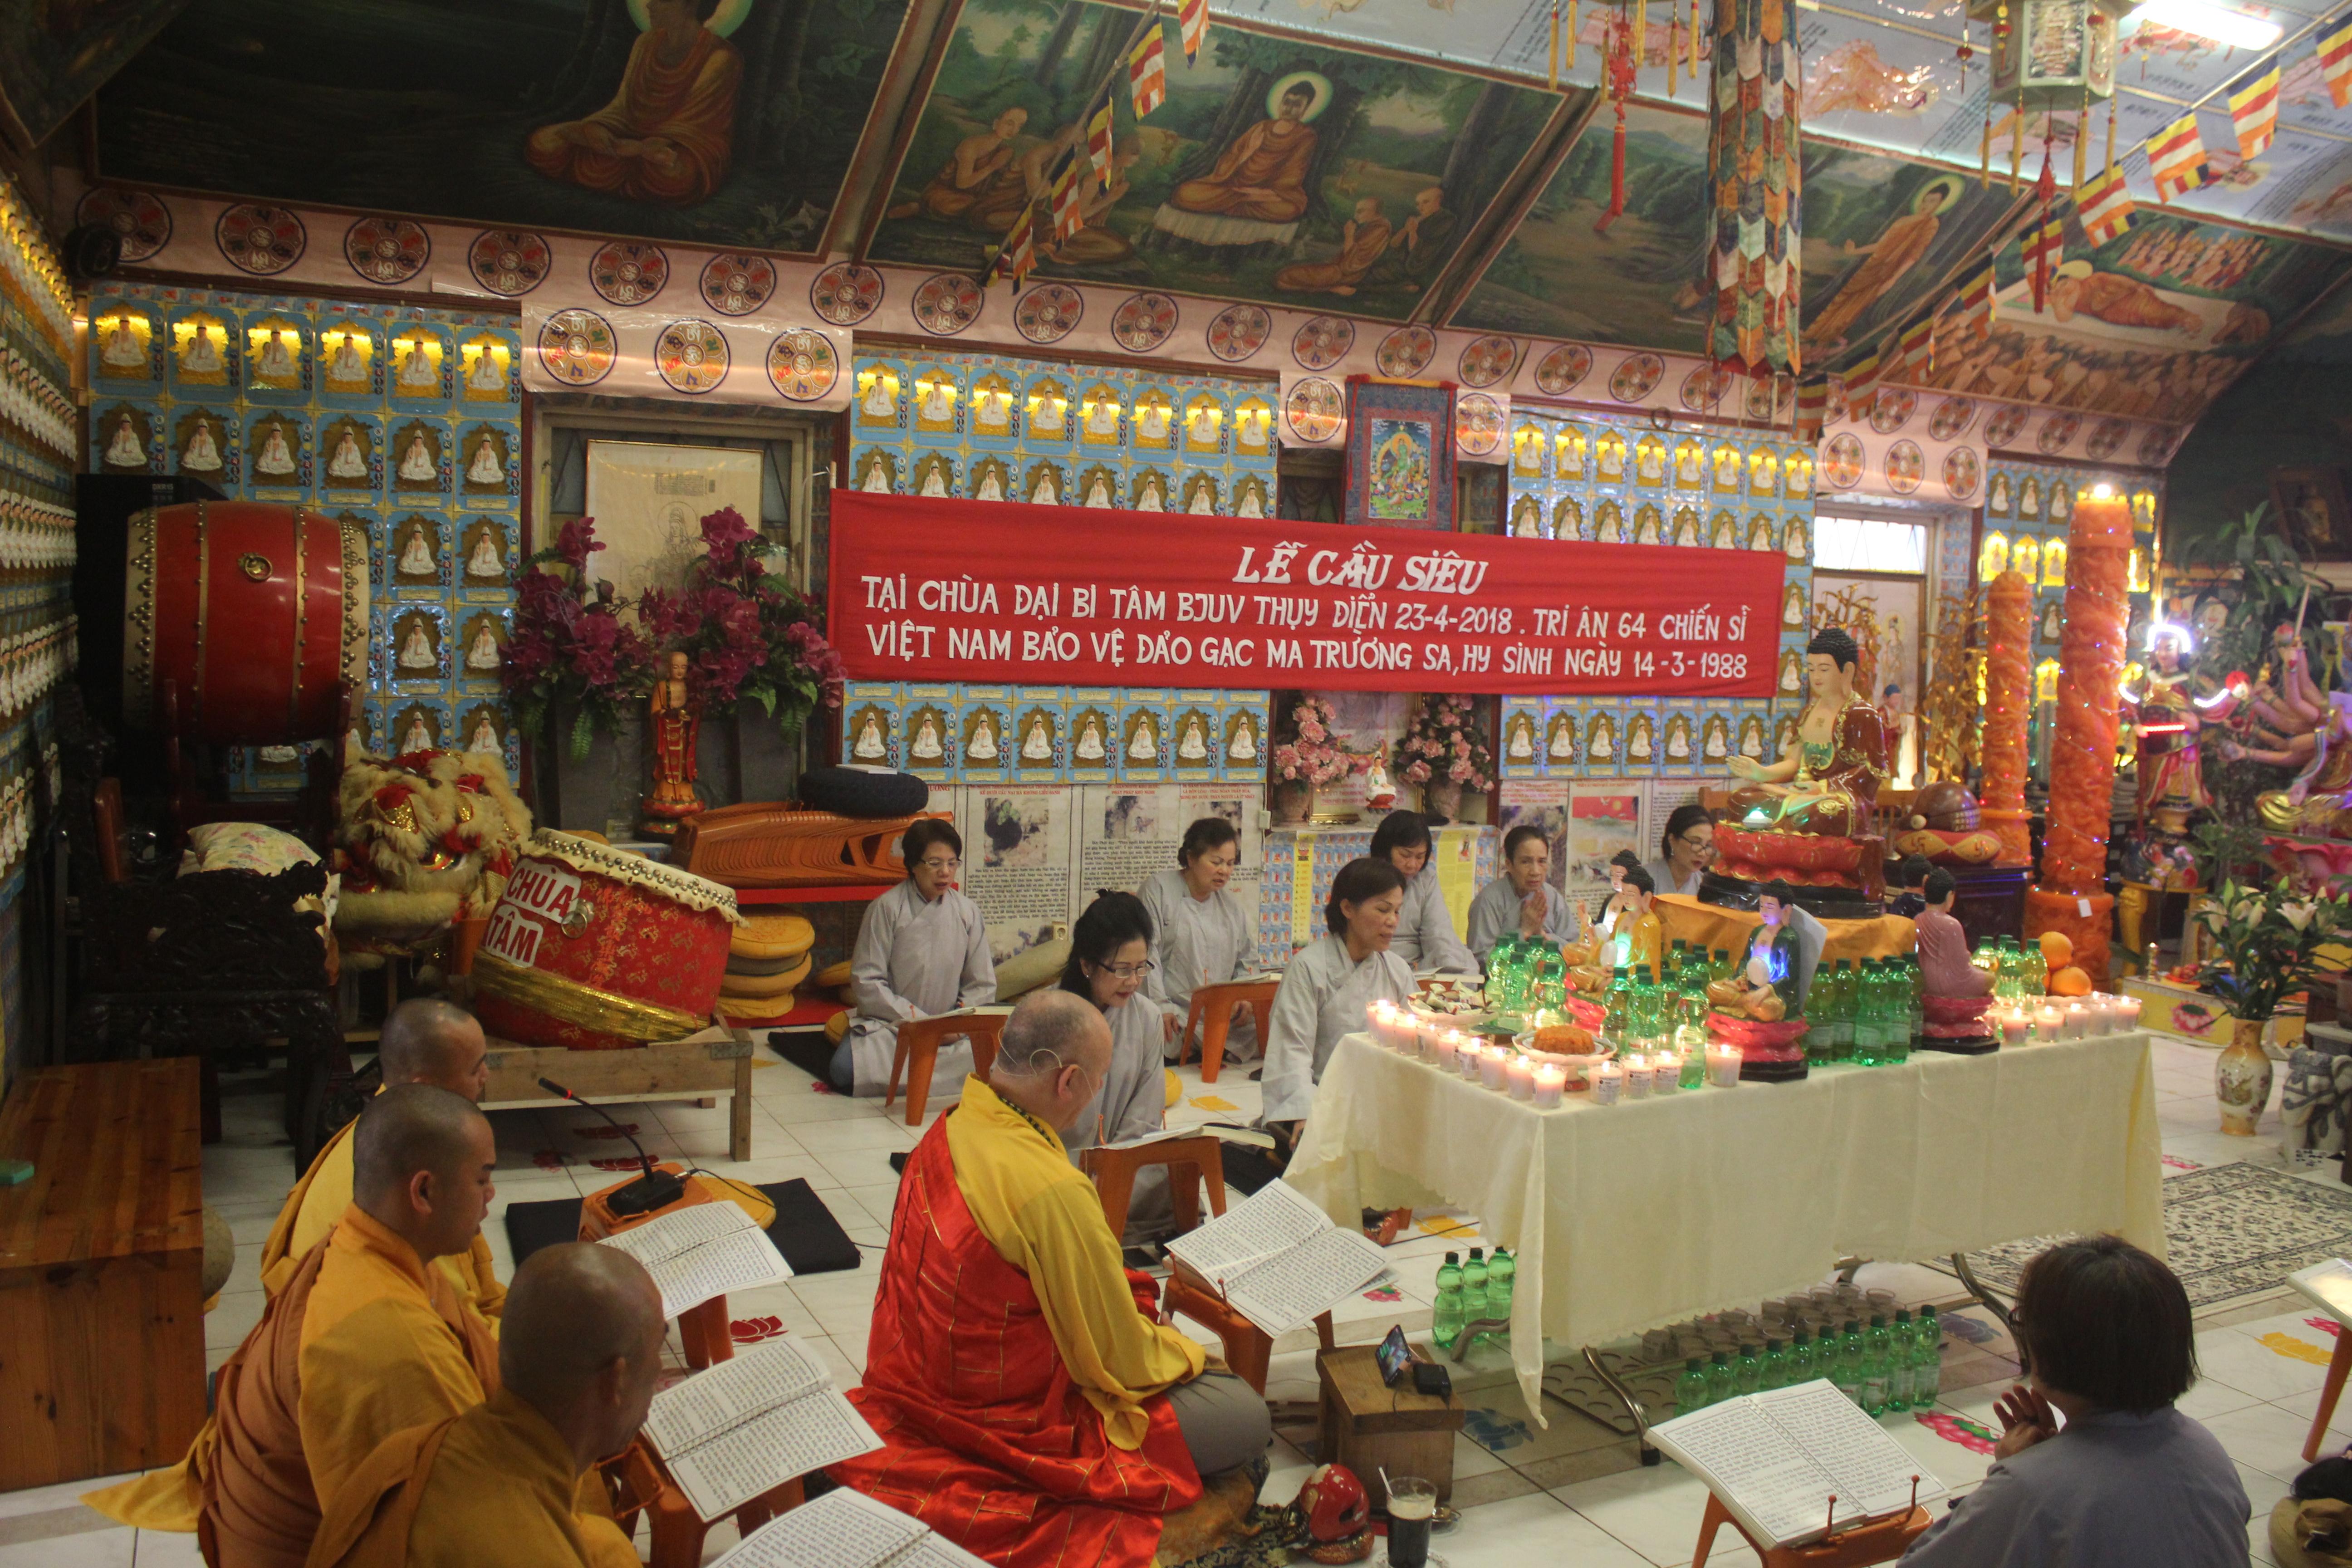 Người Việt ở Thụy Điển tổ chức Lễ cầu siêu cho các liệt sĩ hy sinh tại đảo Gạc Ma